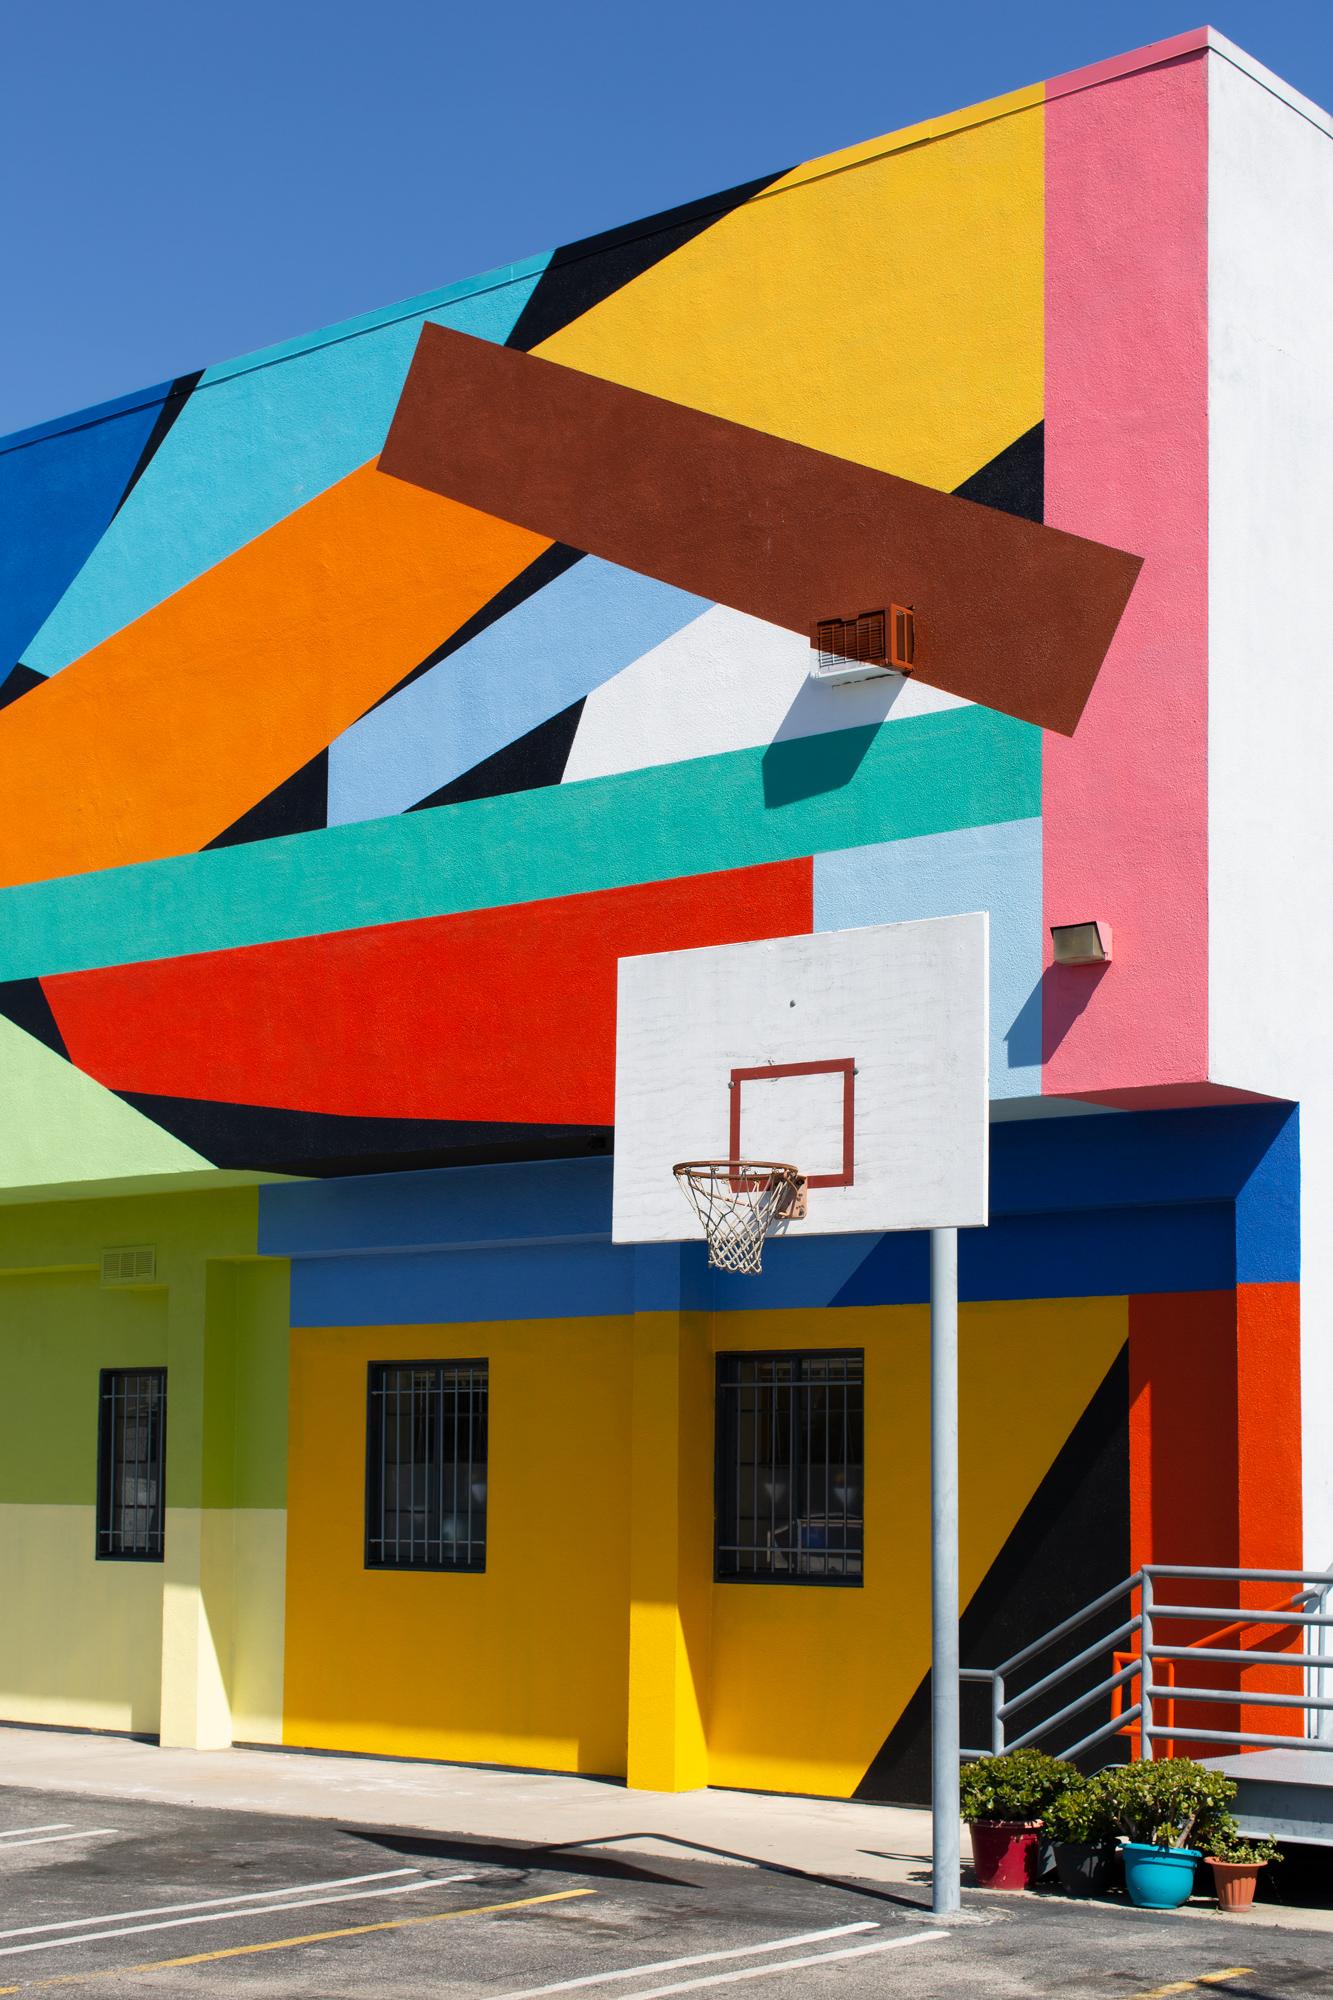 Charlie_Edmiston_World_Impact_Mural_7.jpg